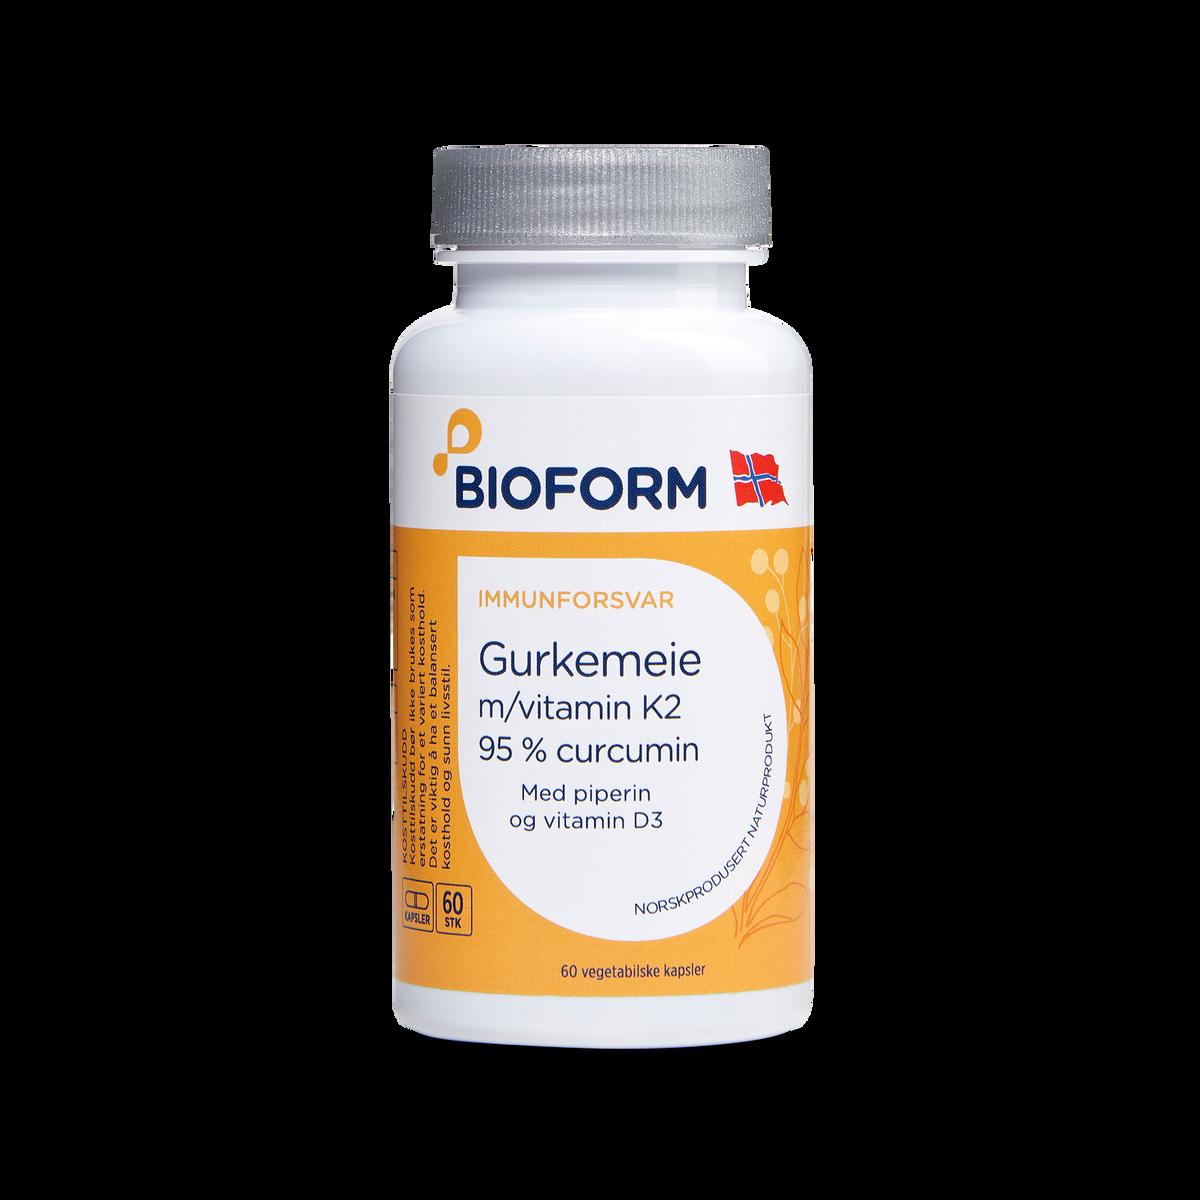 Gurkemeje (m/vitamin K2 og D3)